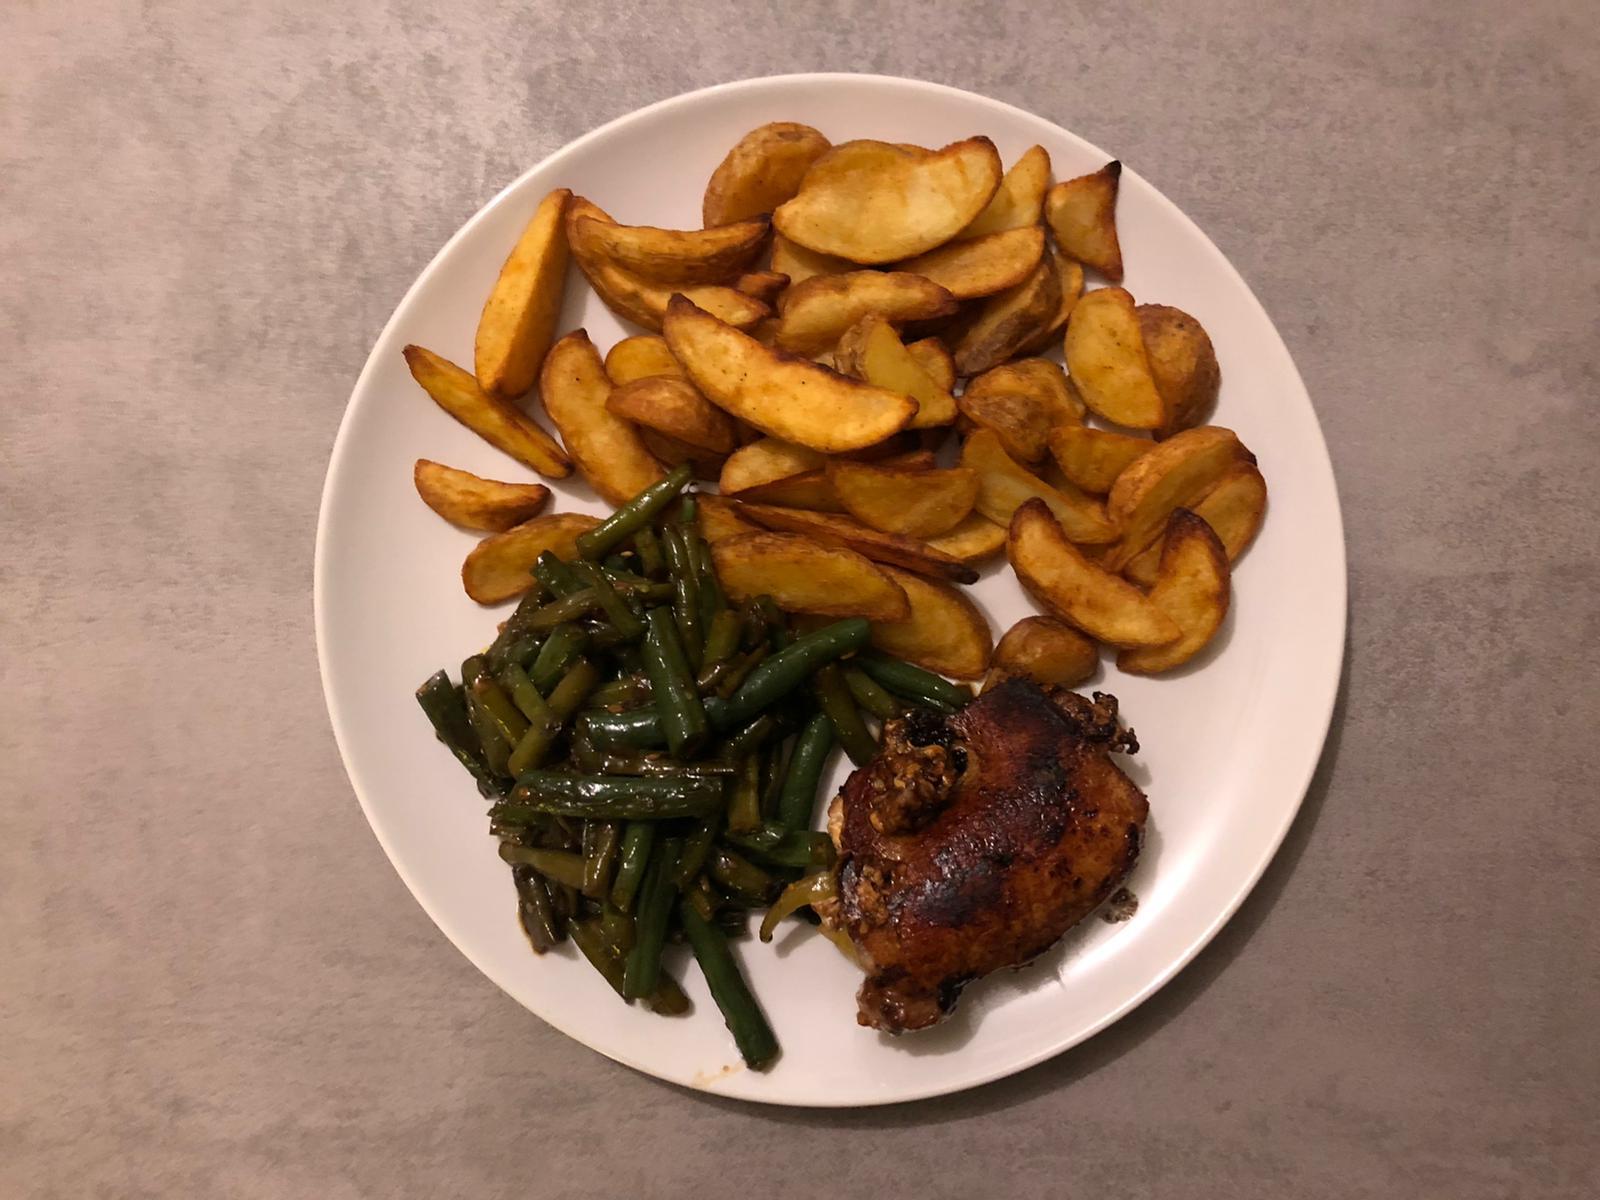 Aardappels, boontjes en vlees